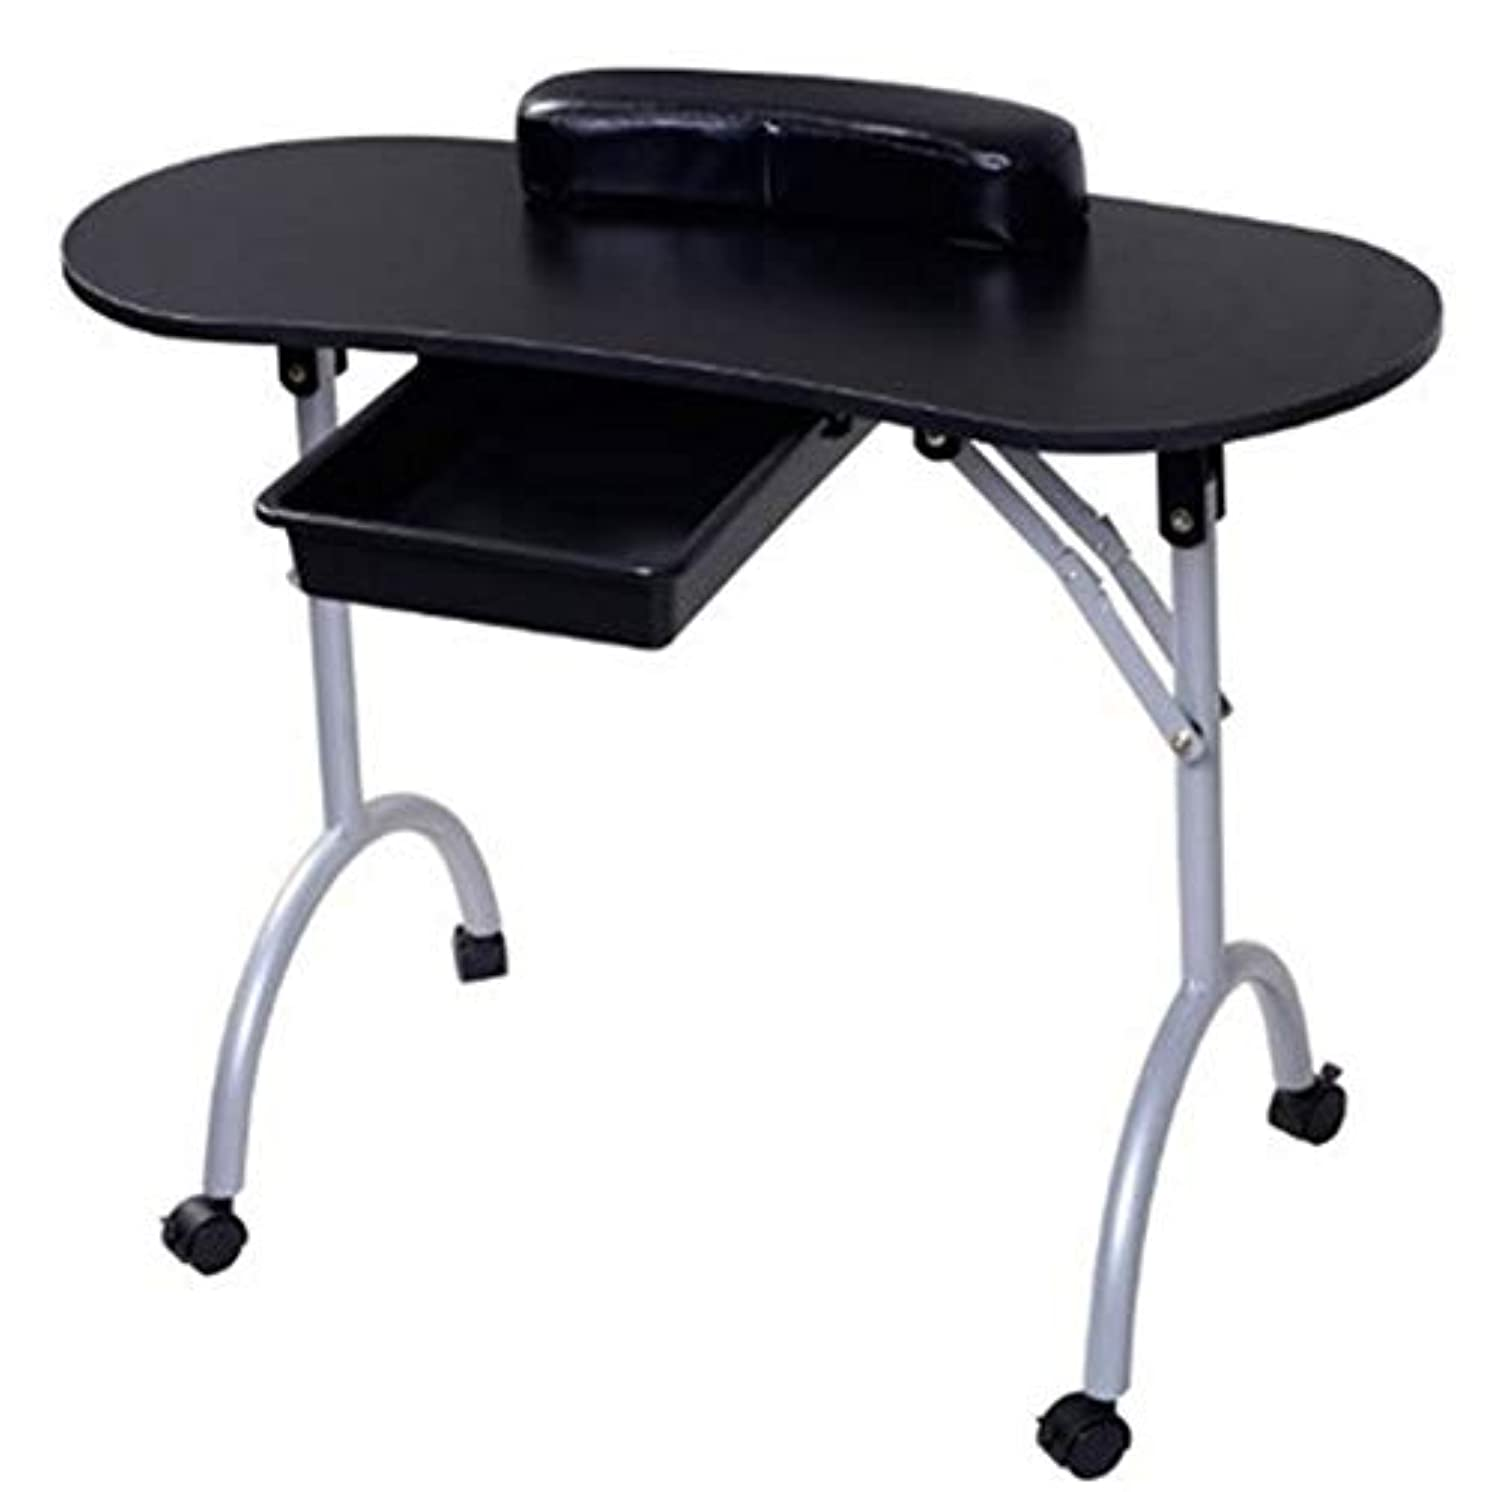 人ものトランク折りたたみネイルテーブルホームポータブルモバイルプーリー車スタジオビューティーサロンマニキュアテーブル引き出しとリストレストとキャリングバッグ,Black